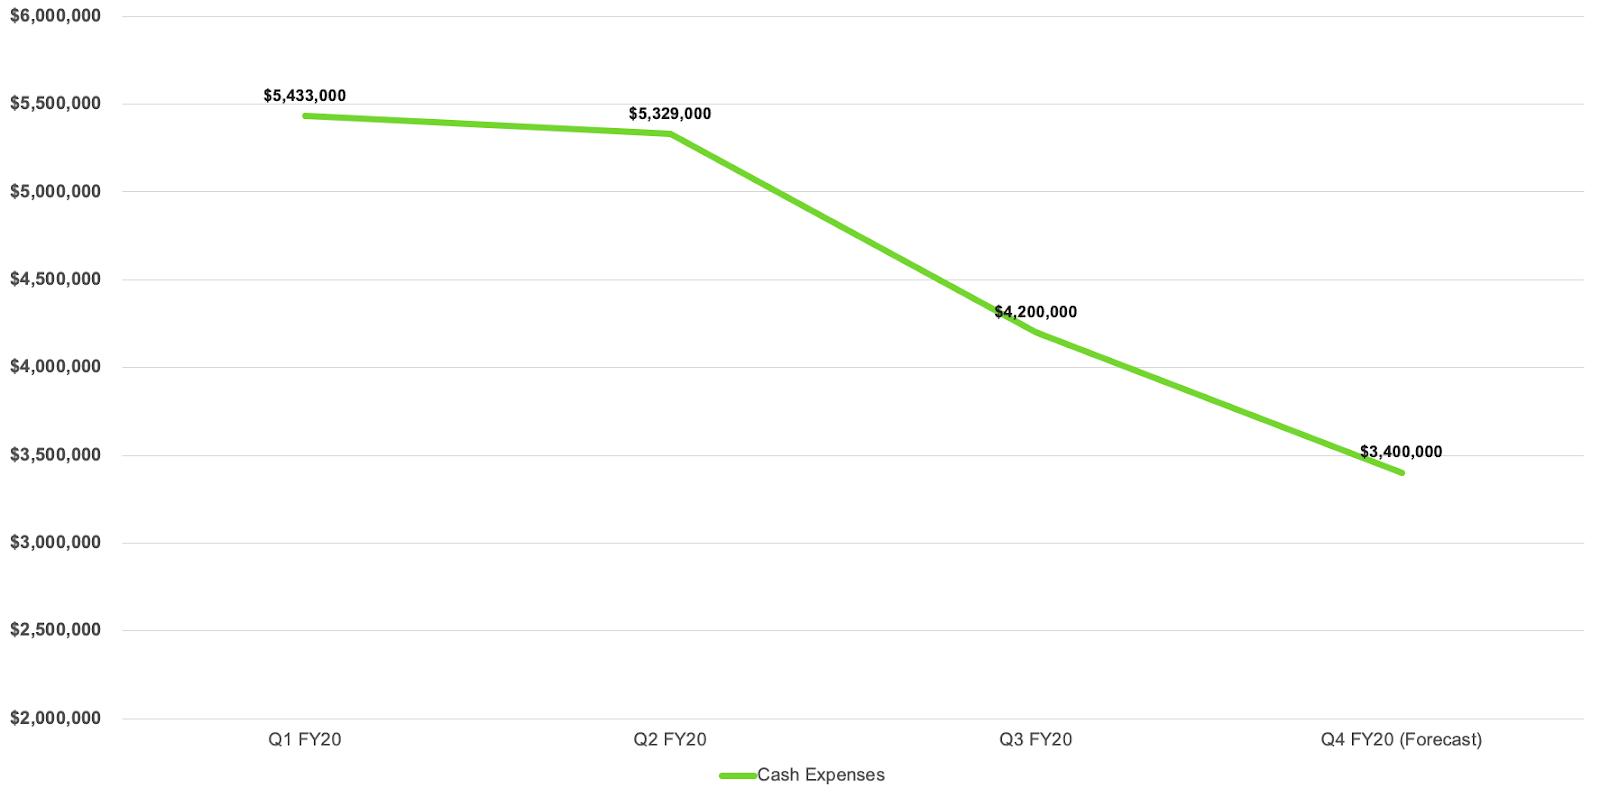 Cash expenses line graph